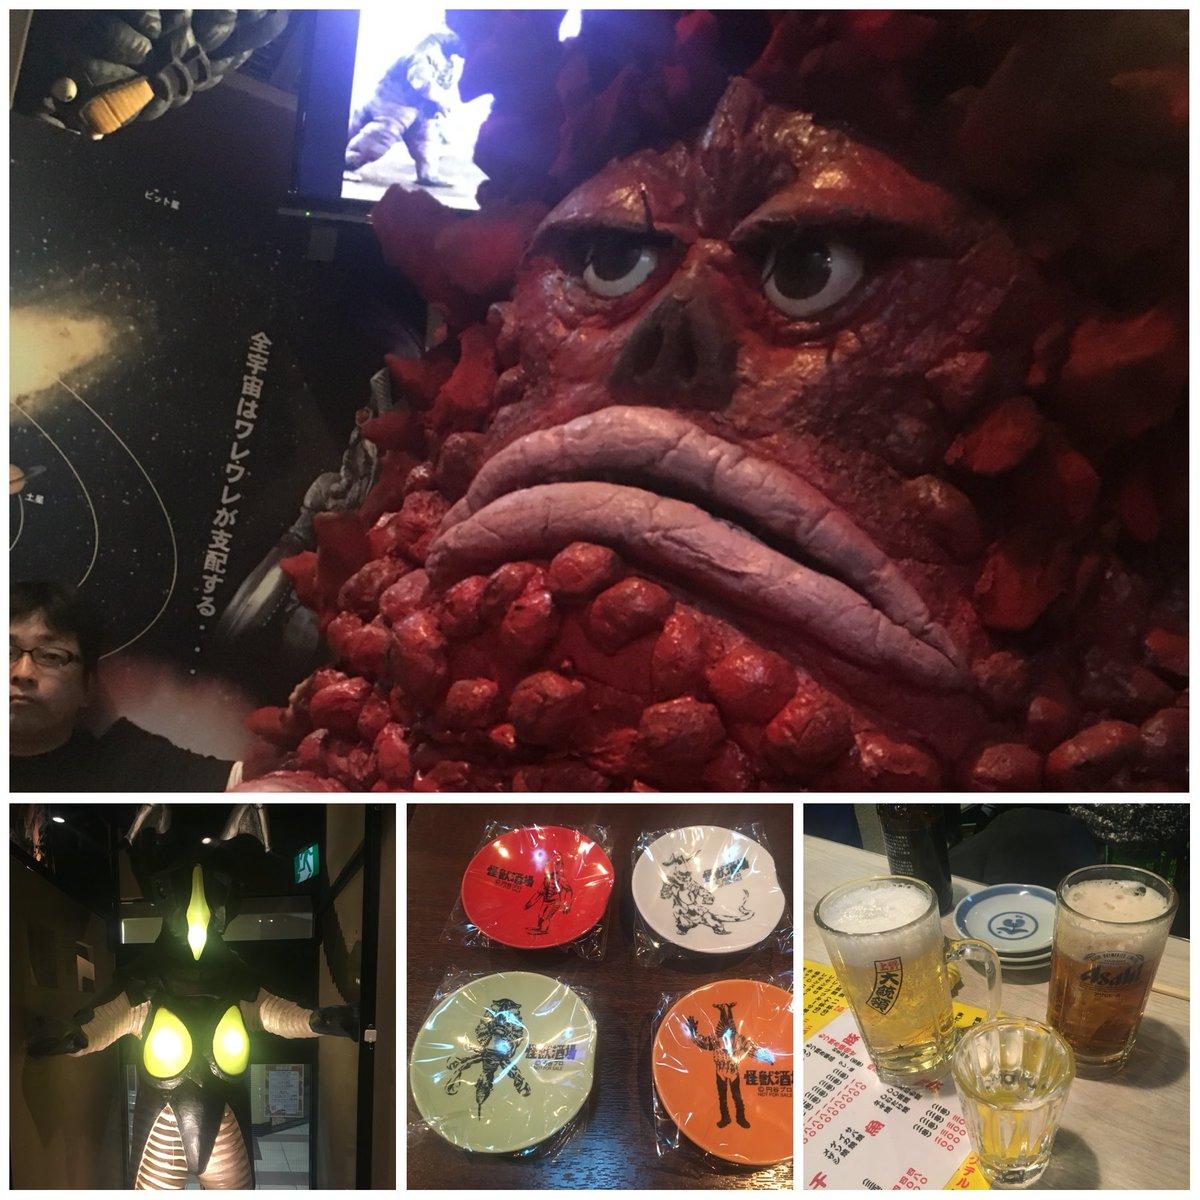 川崎の怪獣酒場に初めて行って、興奮しながら飲み食いして、二次会の大統領でやられるという楽しい飲み会でした!明日仕事行きた